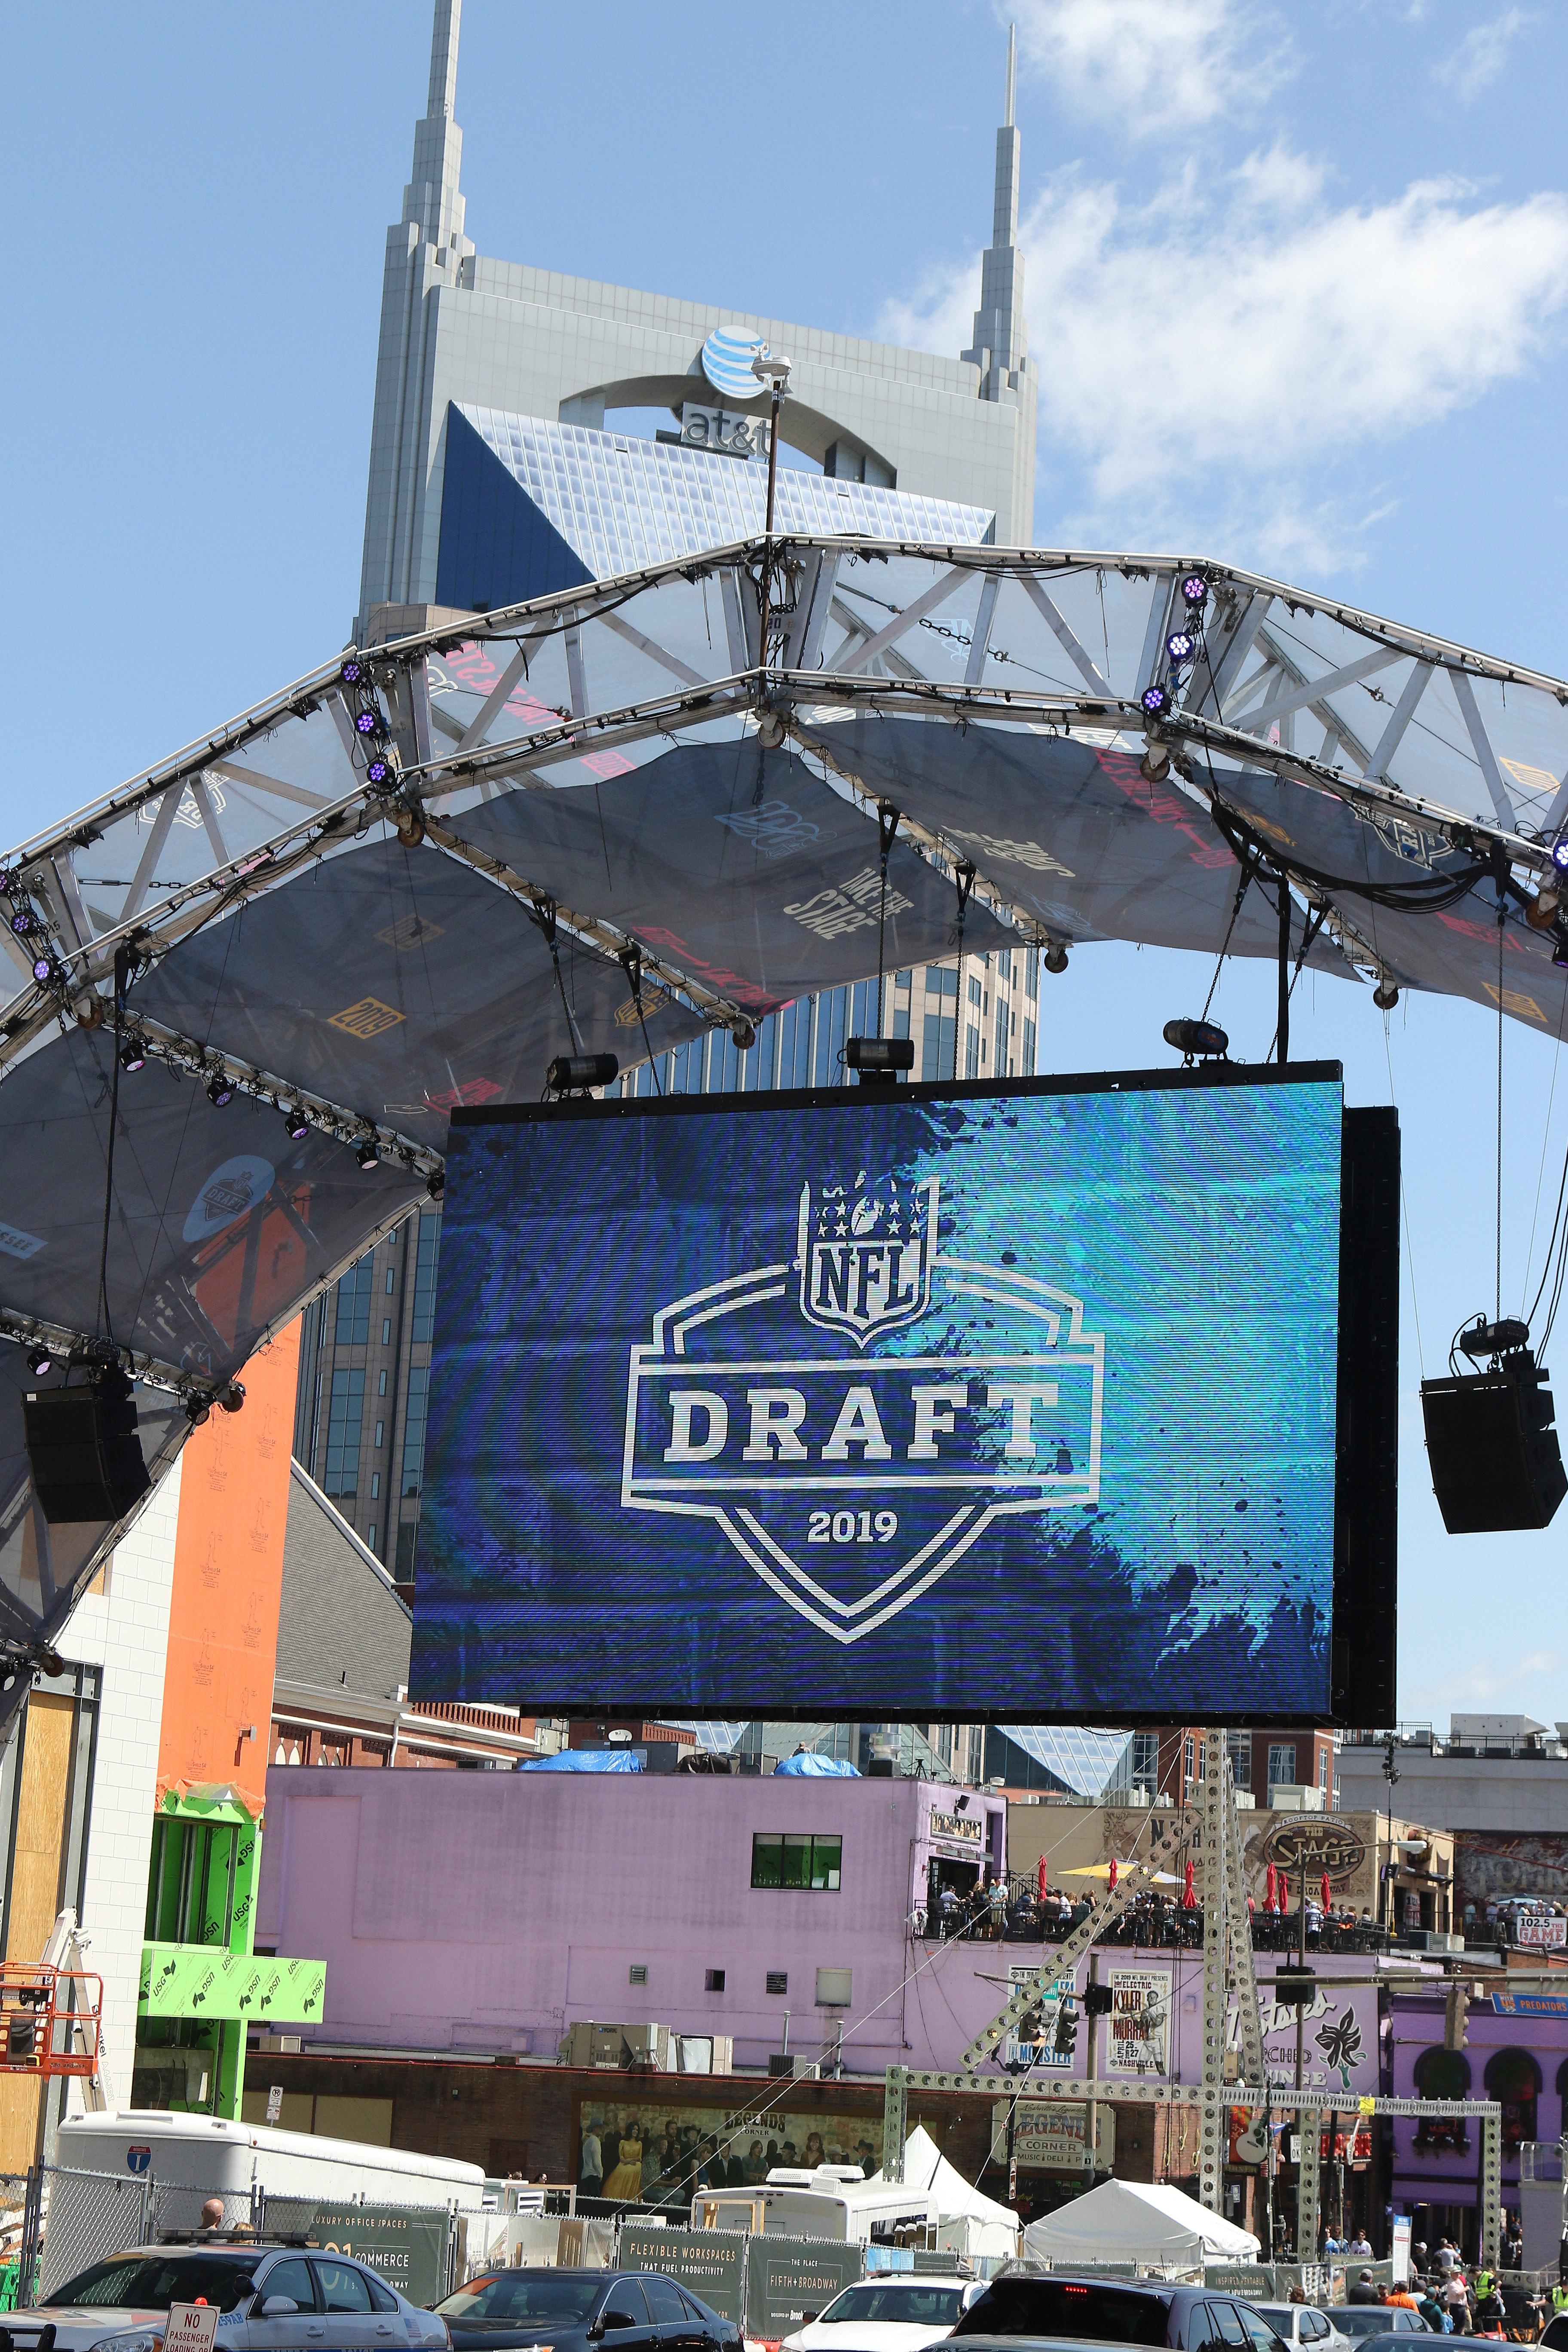 NFL: APR 26 2019 NFL Draft